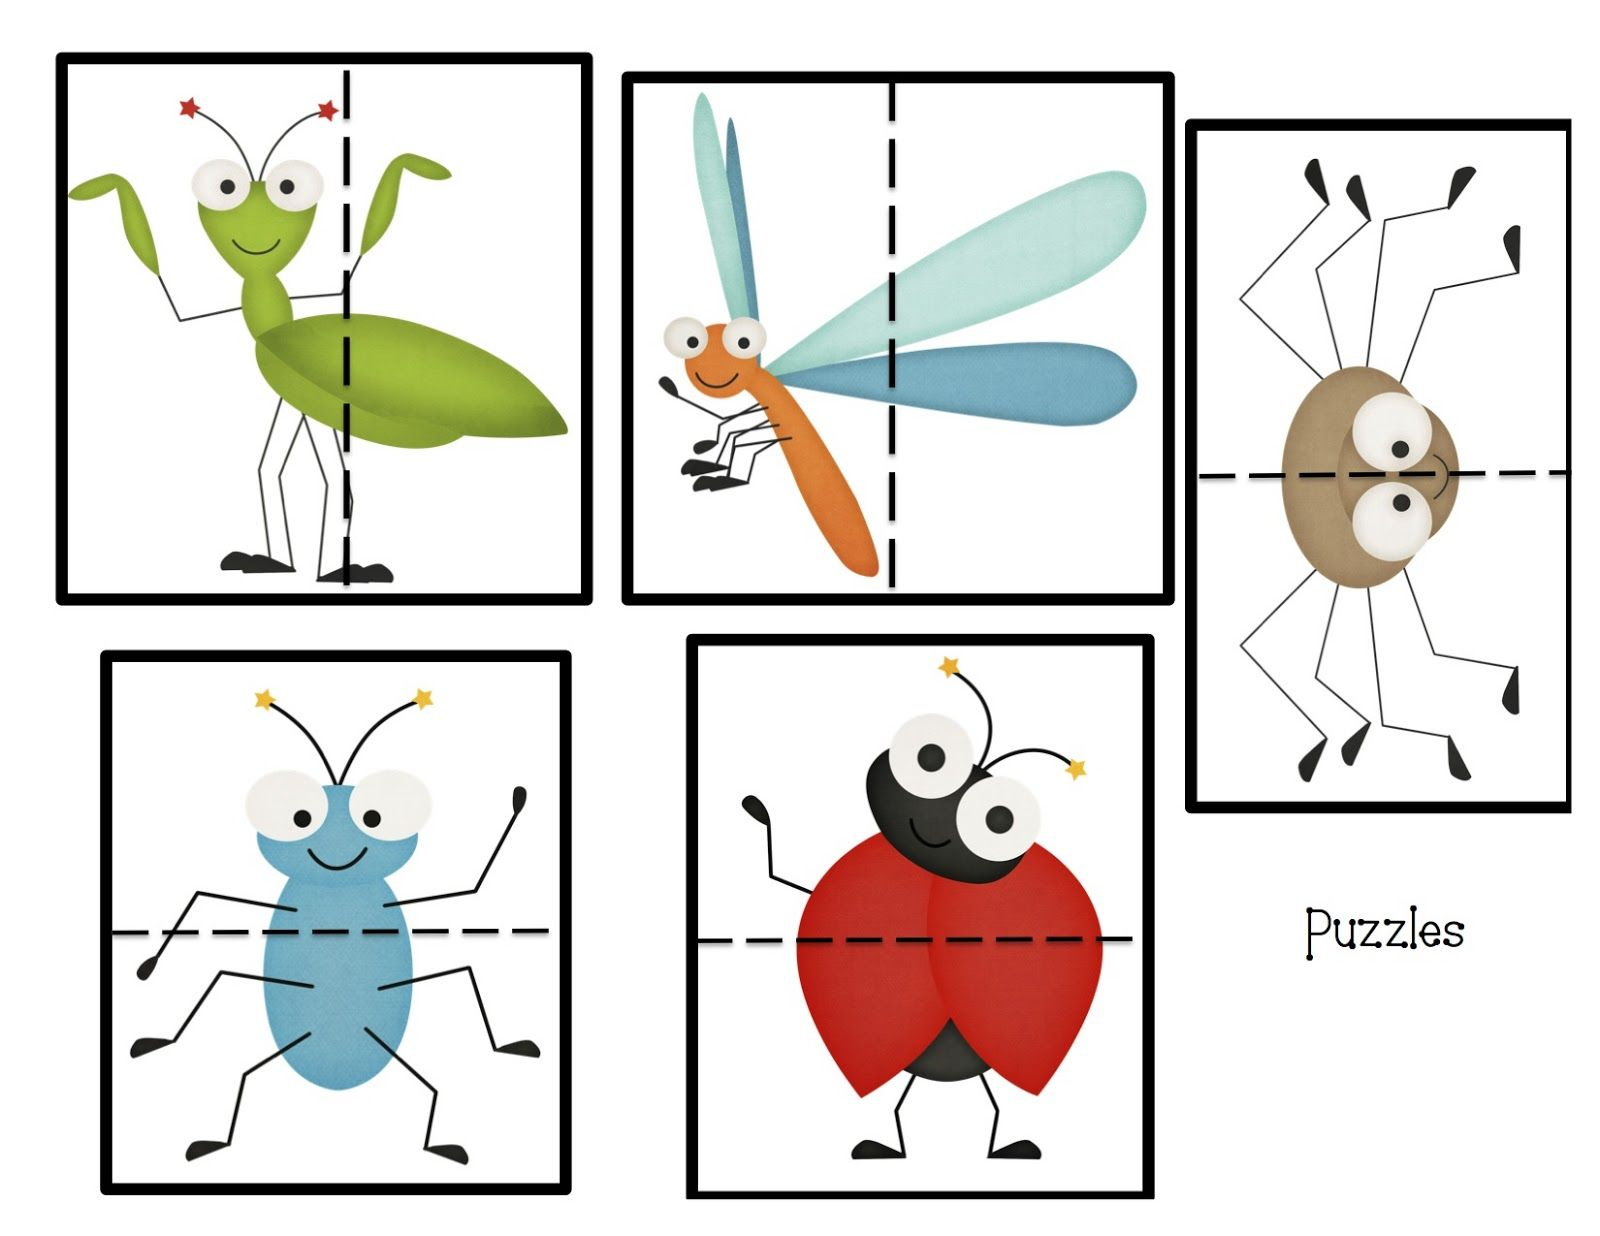 Uncategorized Preschool Puzzles Free http1 bp blogspot com 6b2pr5koosiuz4vbvy0m iaaaaaaaaity iaaaaaaaaitywoknl1eu iws1600bug puzzles2 jpg puzz